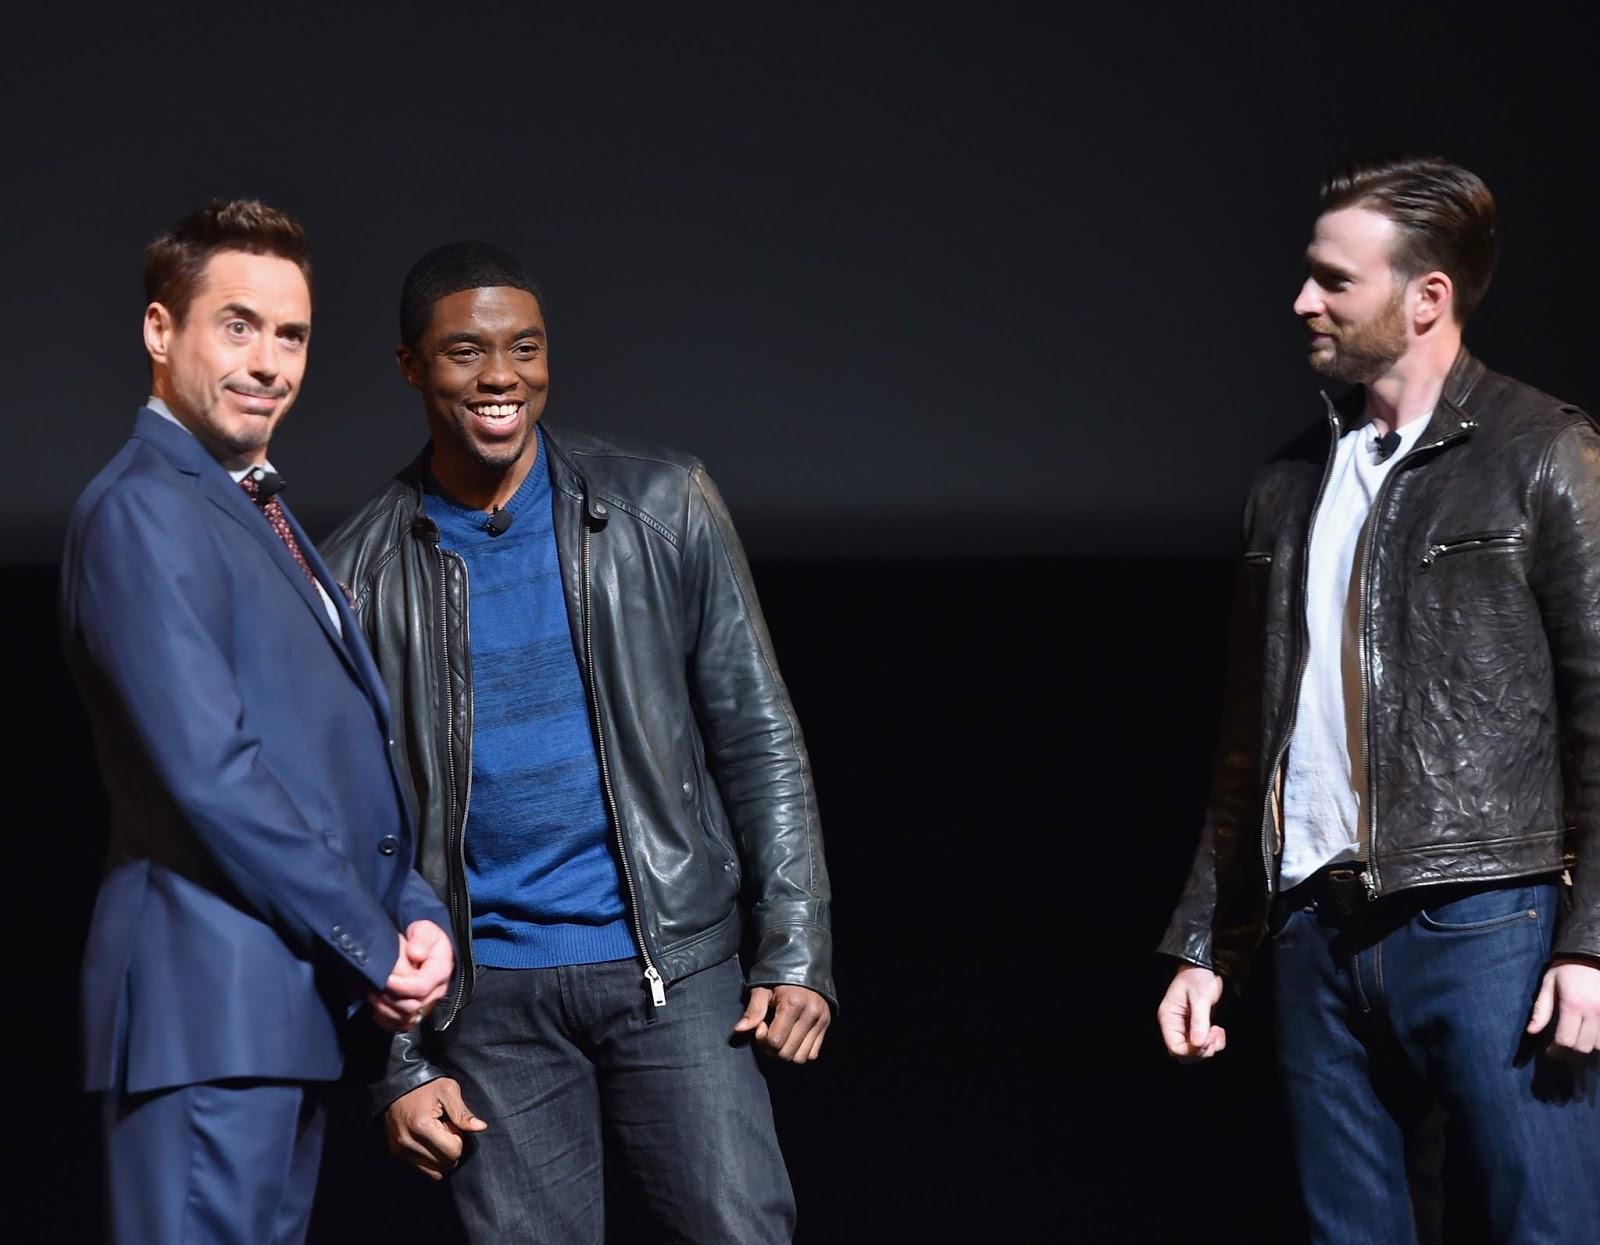 Cia☆こちら映画中央情報局です Captain America ディズニー・マーベルが「キャプテン・アメリカ